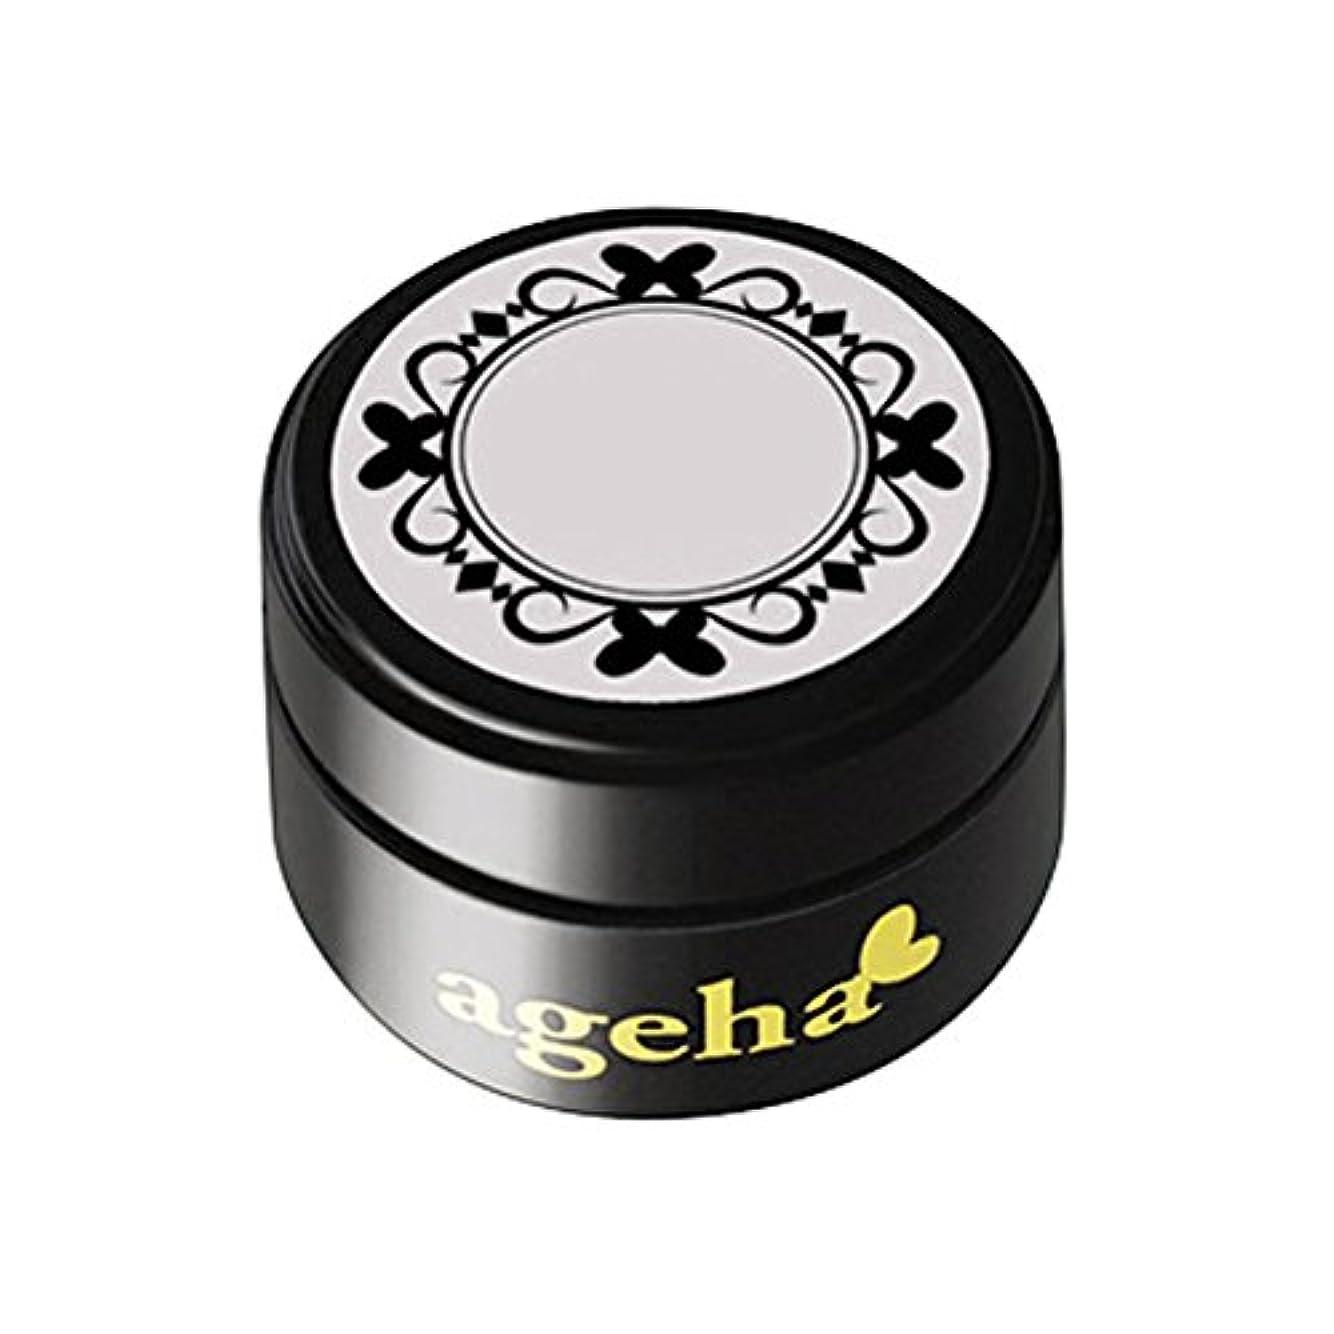 代わりにを立てる識別する突進ageha gel カラージェル コスメカラー 211 ゼニスブルー 2.7g UV/LED対応